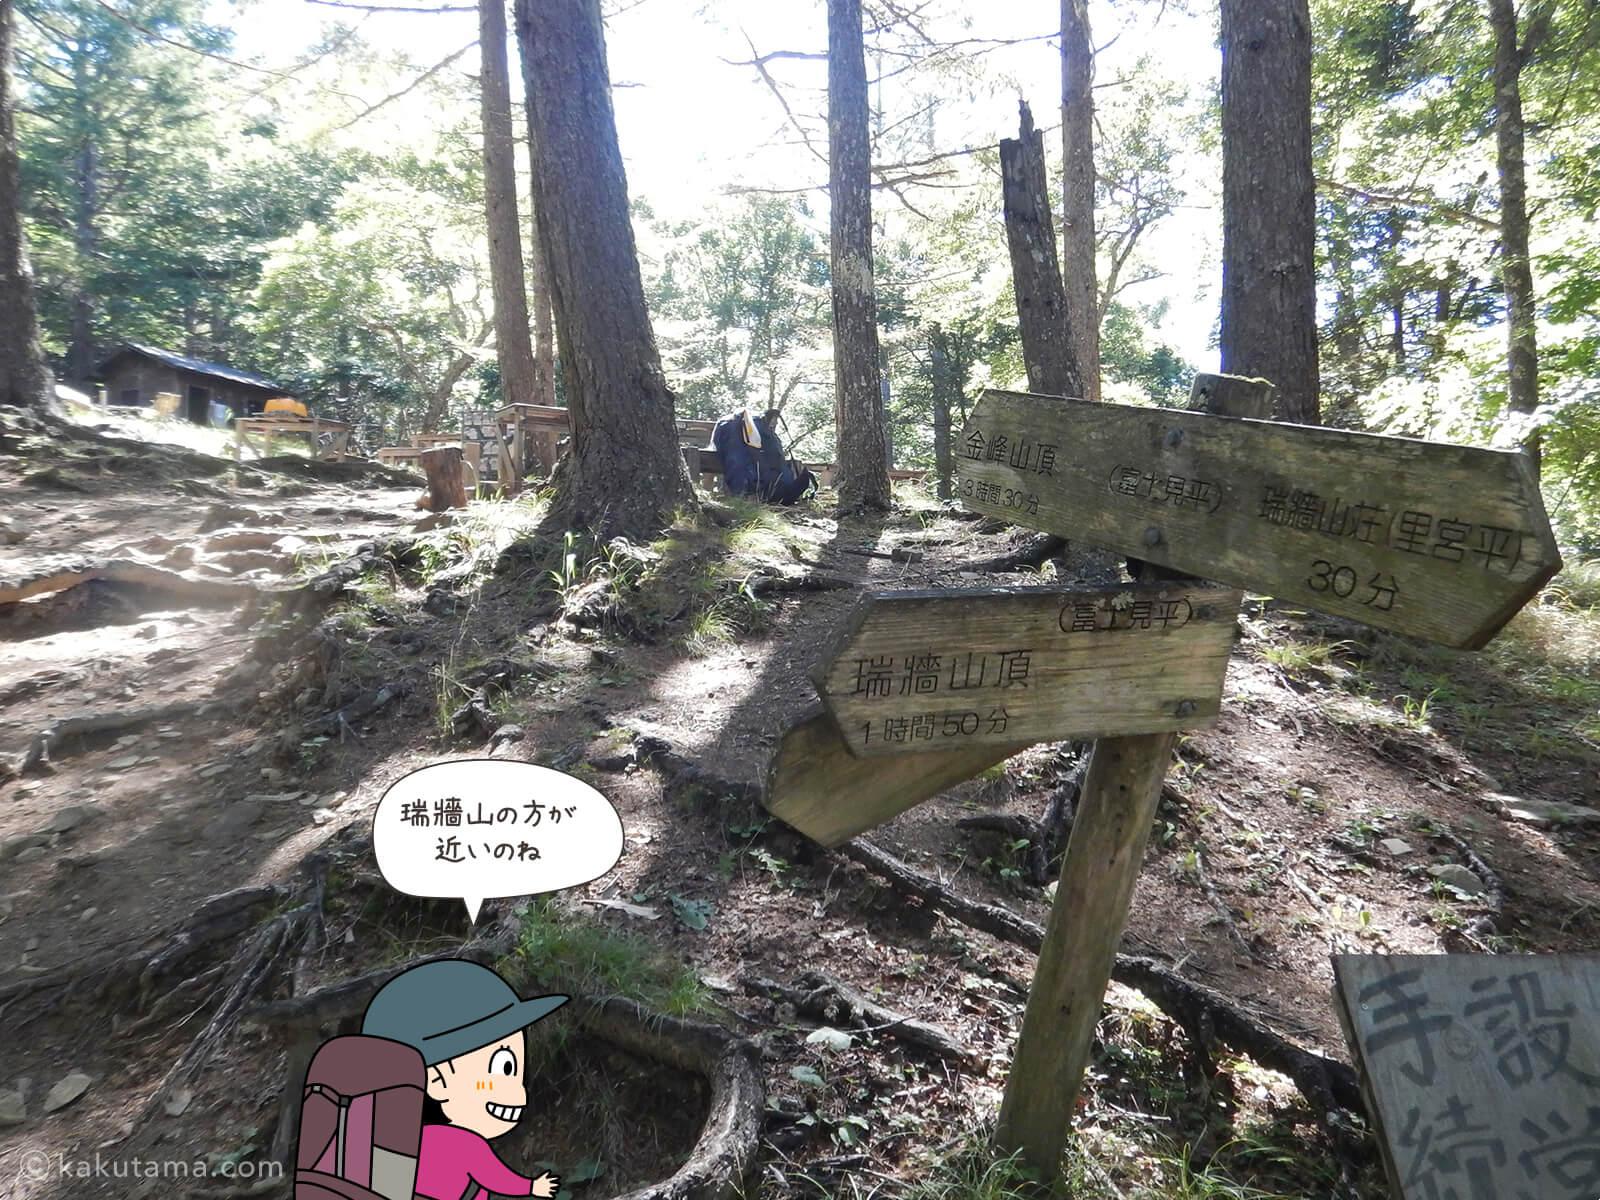 富士見平小屋から瑞牆山への道標